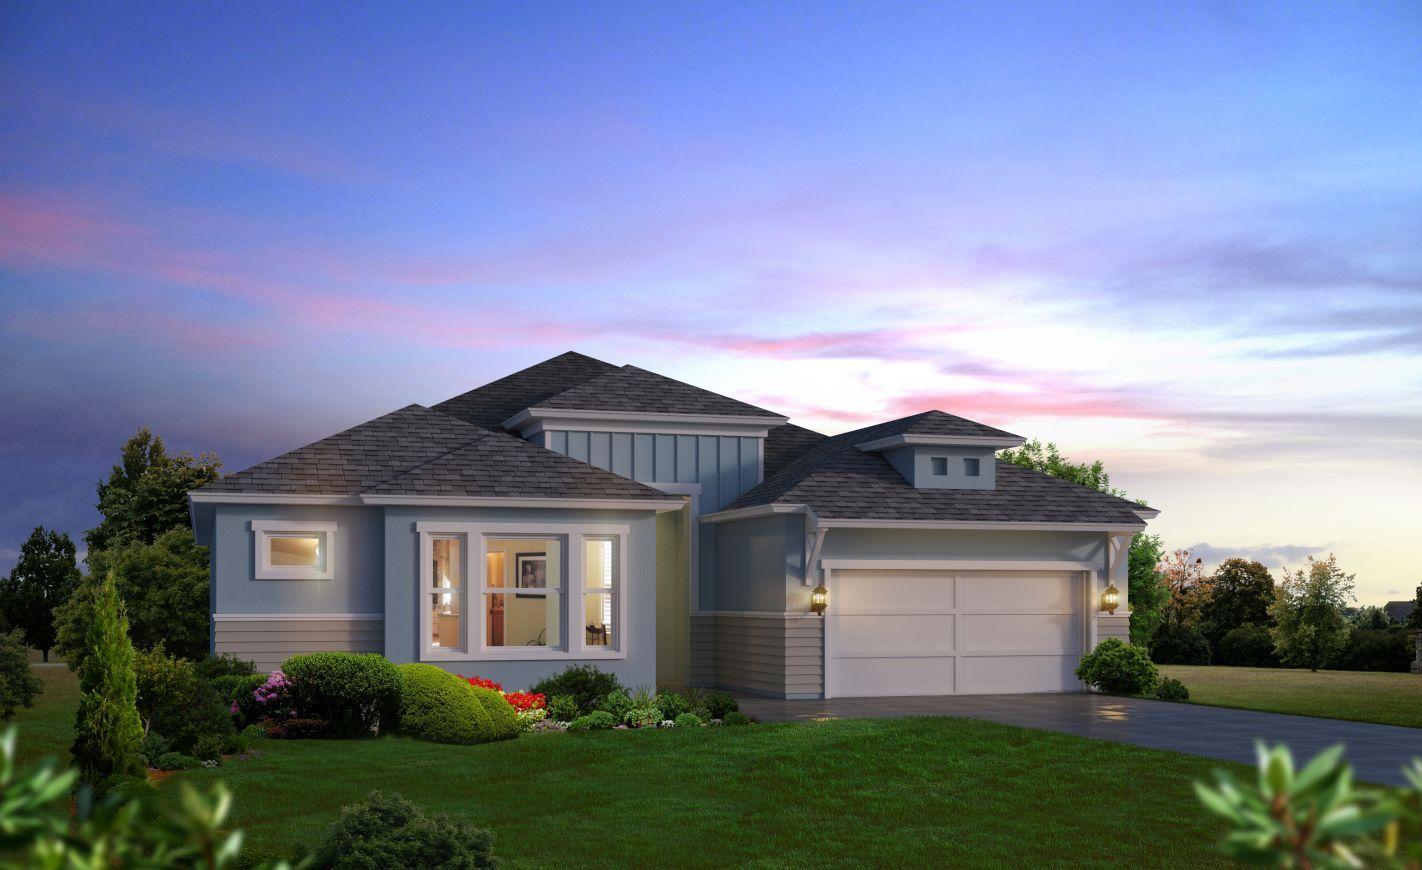 6901 Vintage Lane, Port Orange, FL Homes & Land - Real Estate